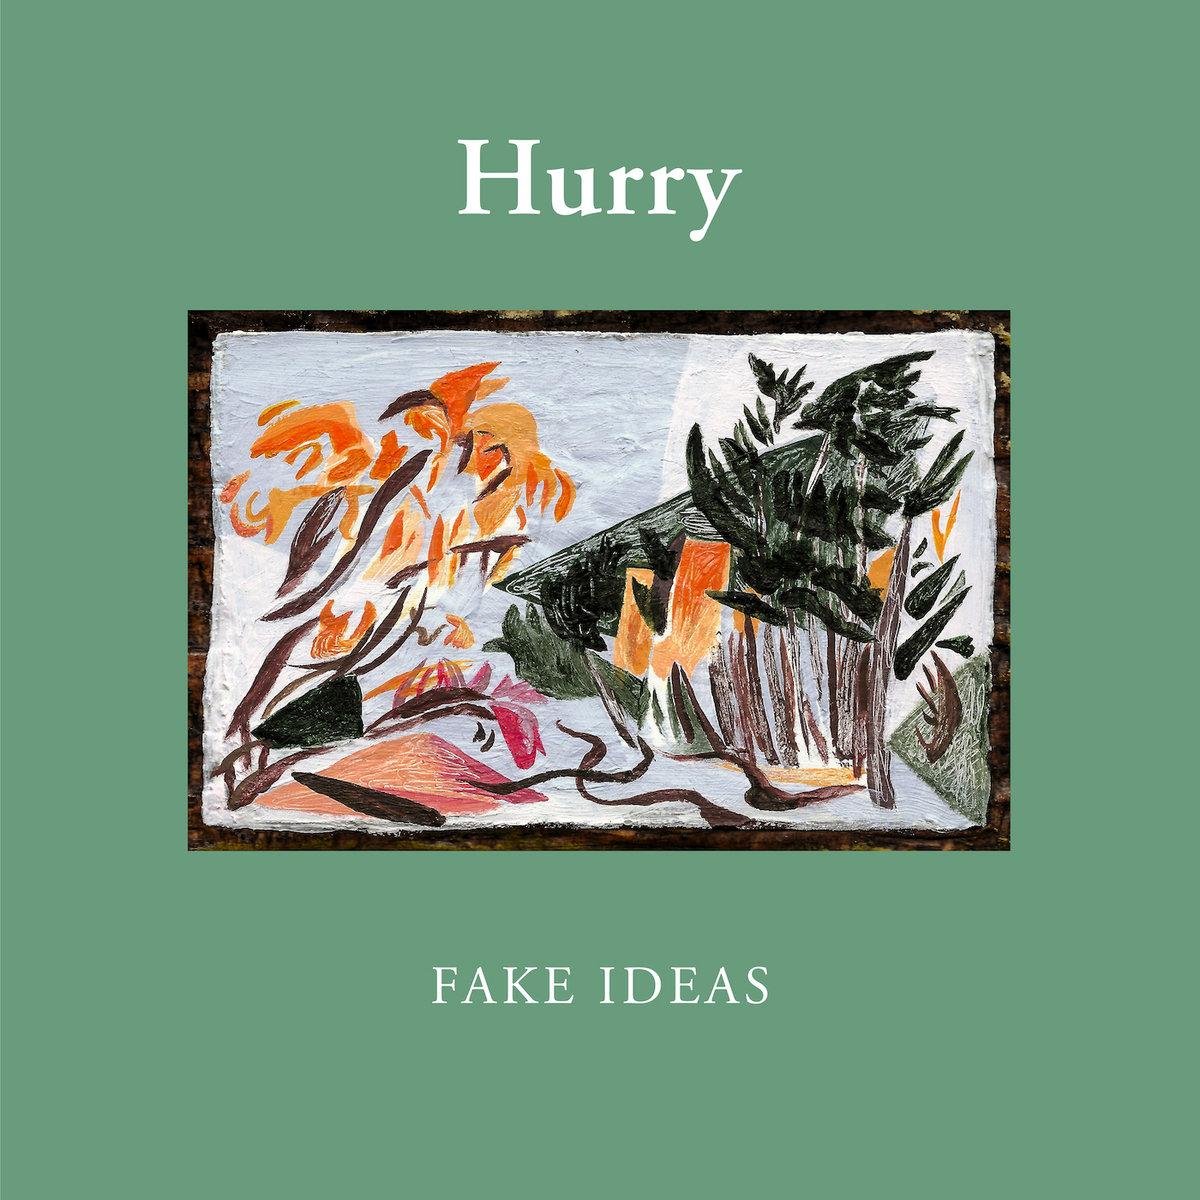 Hurry - Fake Ideas [LP]